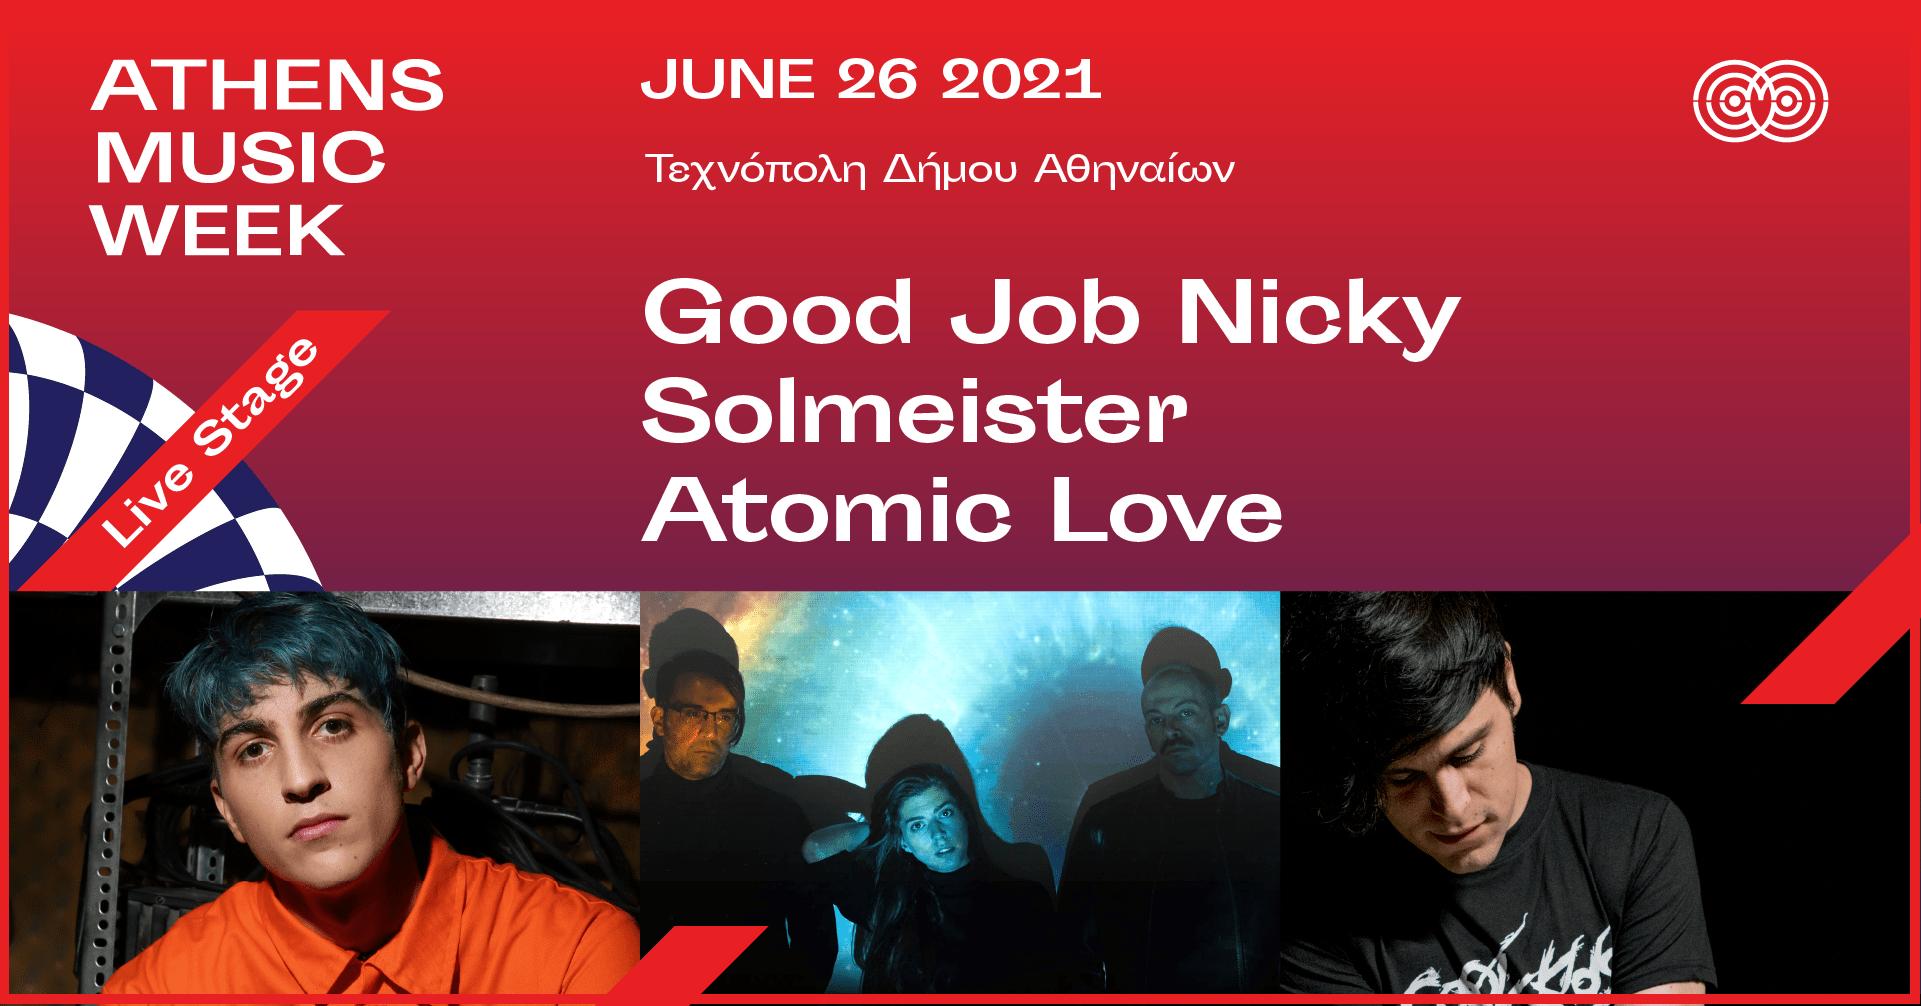 Σάββατο 26 Ιουνίου: Athens Music Week Live Stage!   Τεχνόπολη Δήμου Αθηναίων